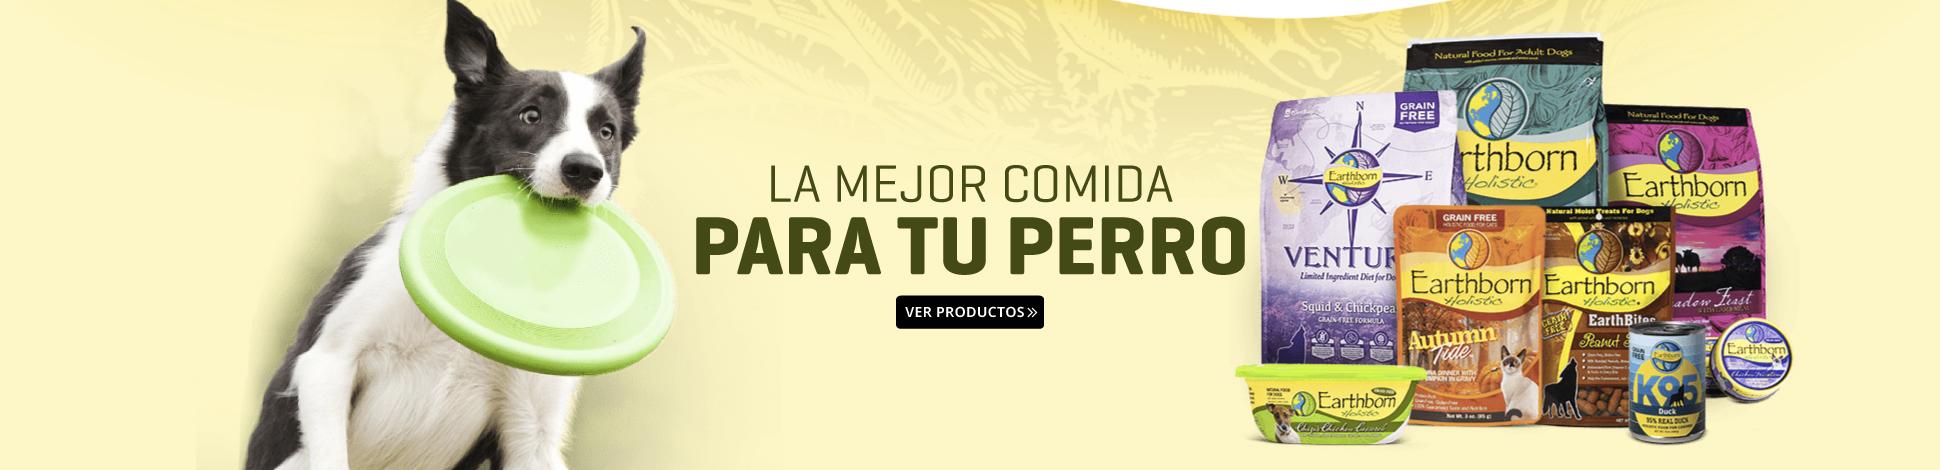 hs.jpg   Juntoz.com